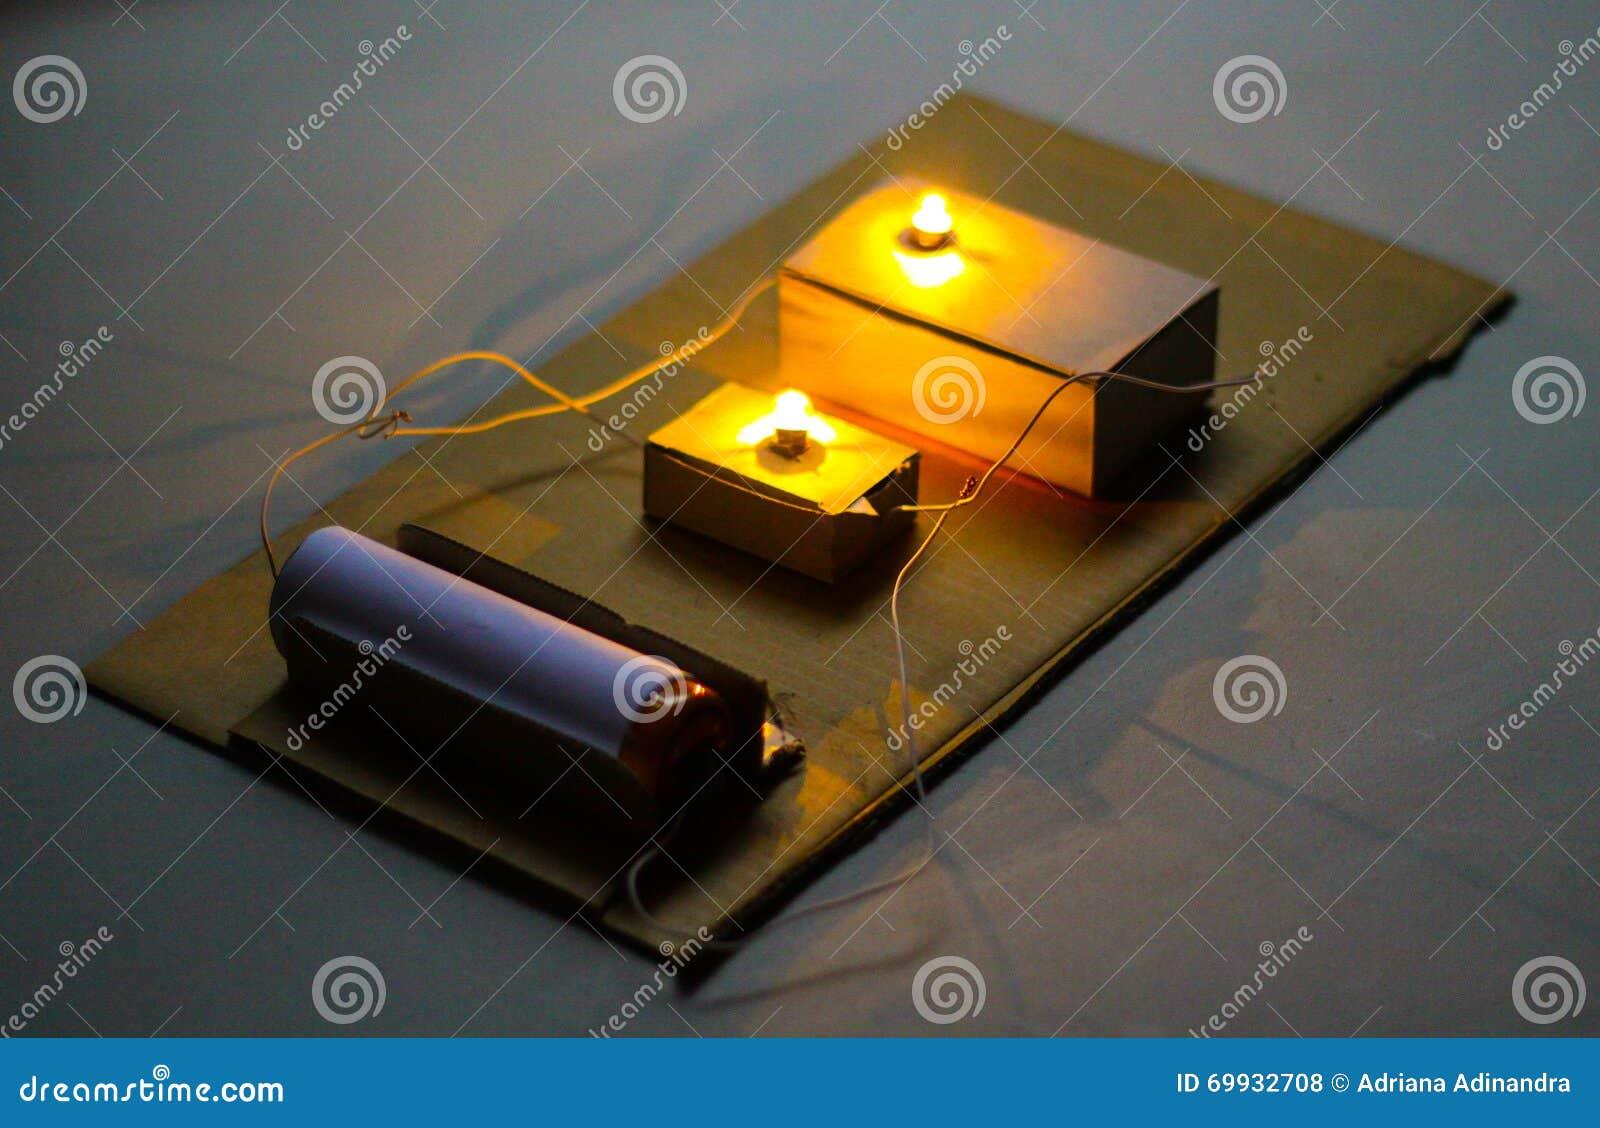 Circuito Electrico En Serie : Serie de los circuitos eléctricos foto de archivo imagen de ideas